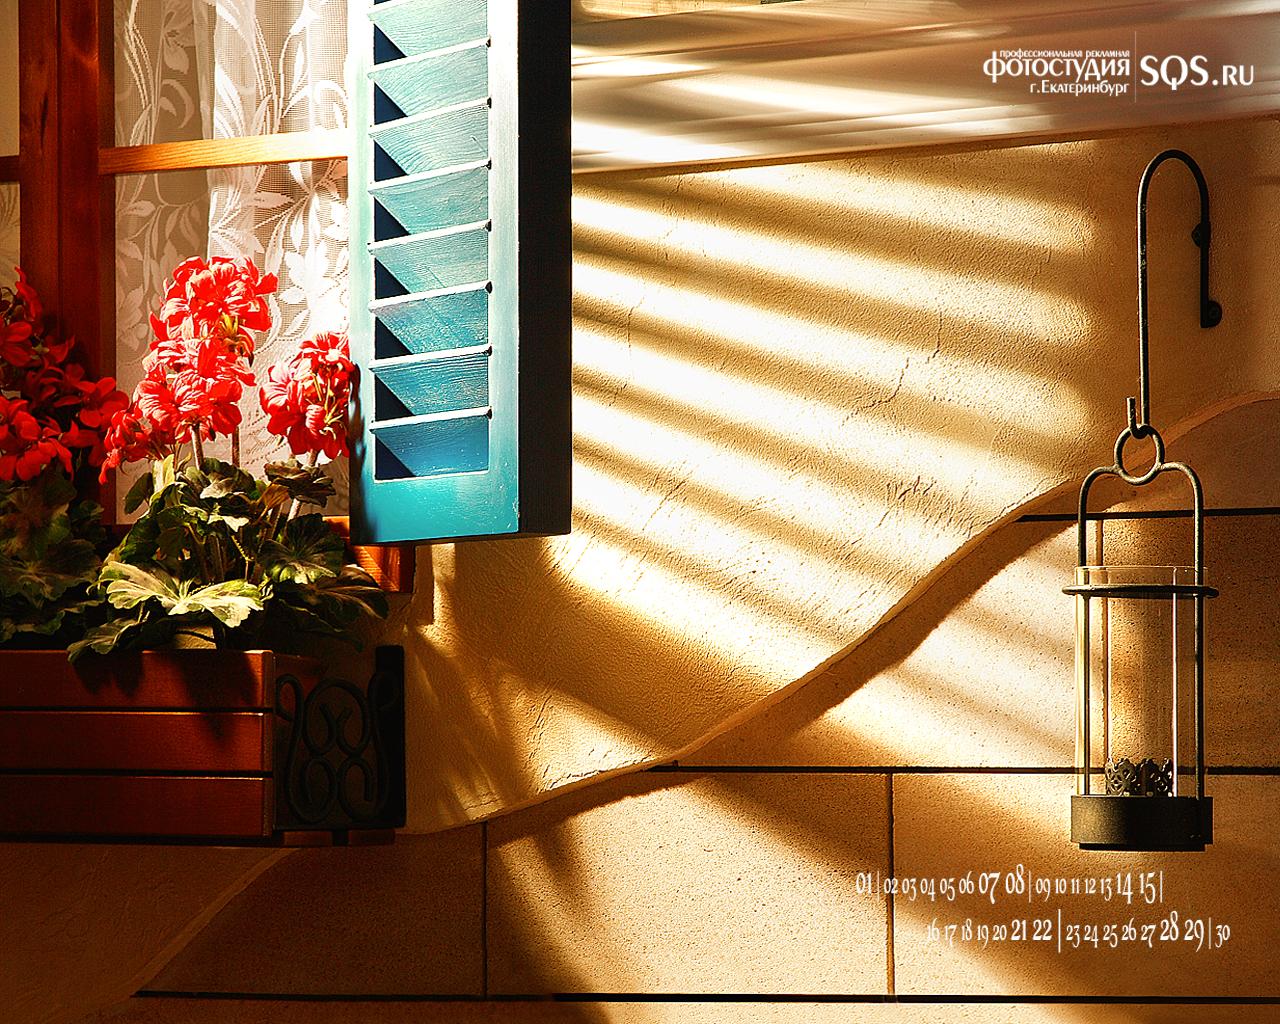 Календари на рабочий стол на ноябрь 2009, Обои на рабочий стол, Художественная фотосъемка, Фотостудия SQS, Екатеринбург.